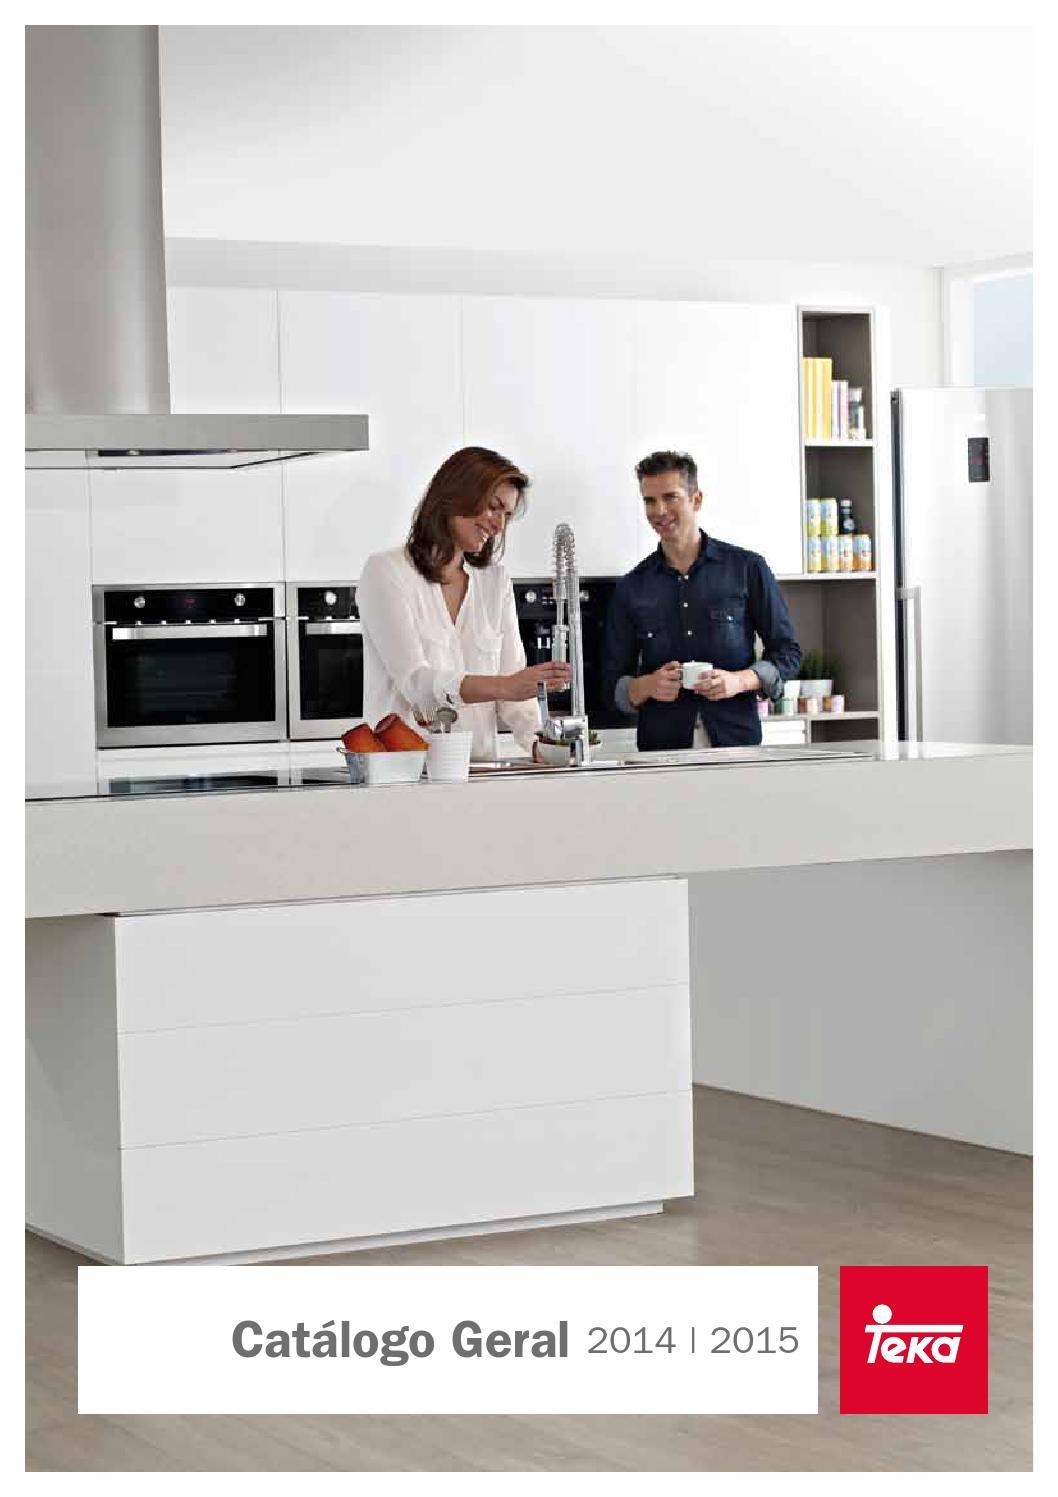 Cat logo teka 2014 2015 by teka portugal issuu - Cocina encimera teka 4 platos ...